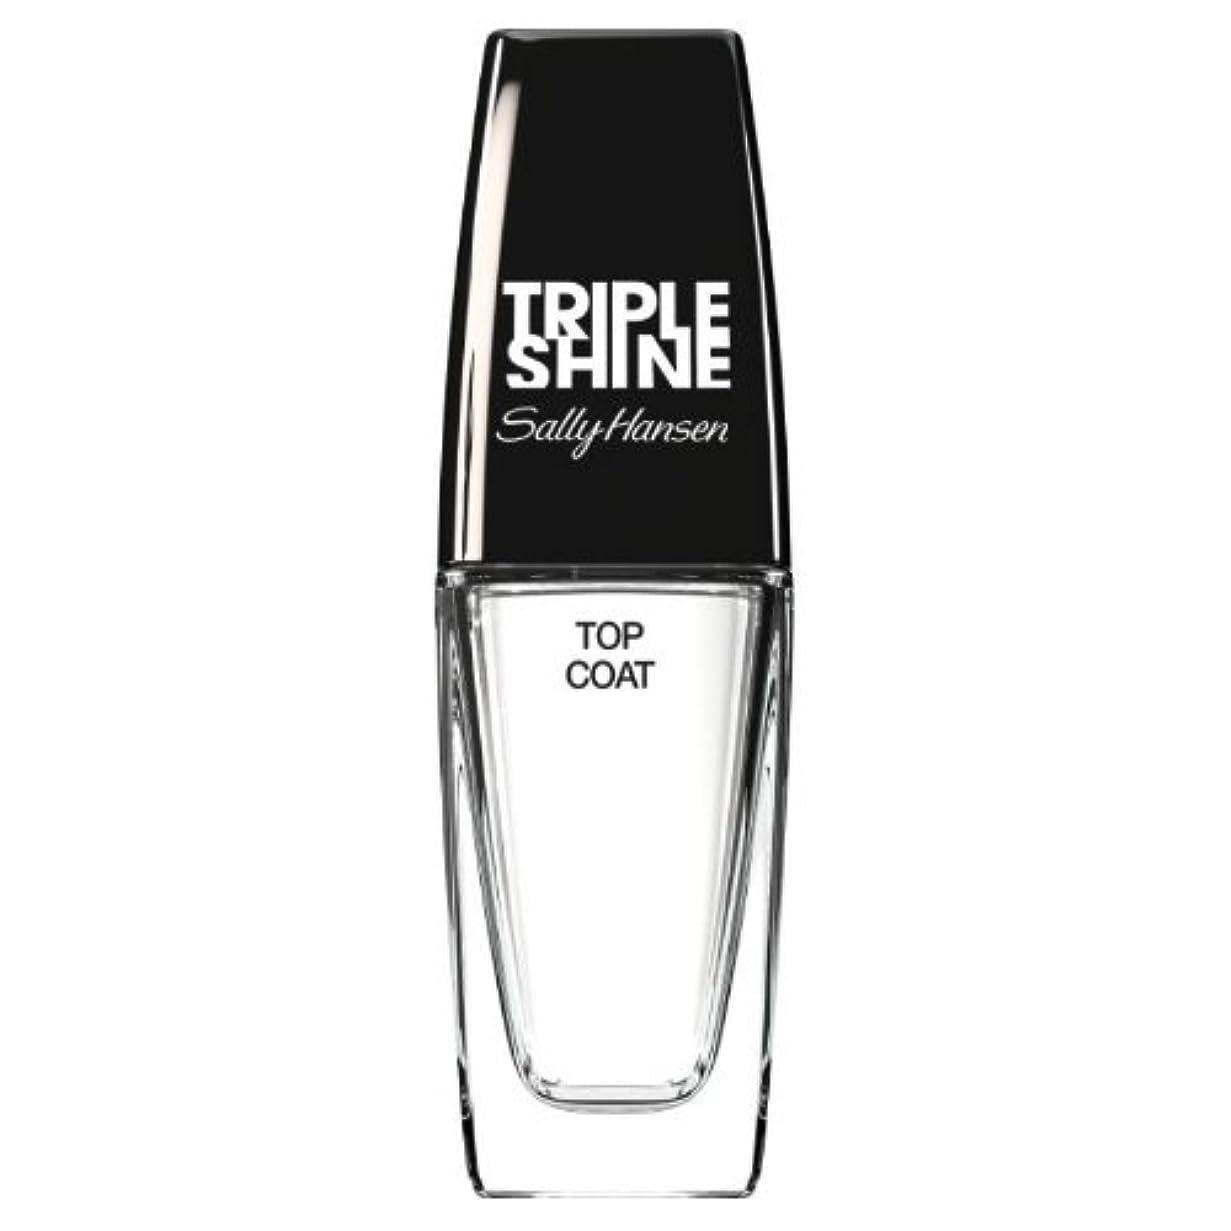 脱走岸倫理的(6 Pack) SALLY HANSEN Triple Shine Top Coat - Triple Shine Top Coat (並行輸入品)